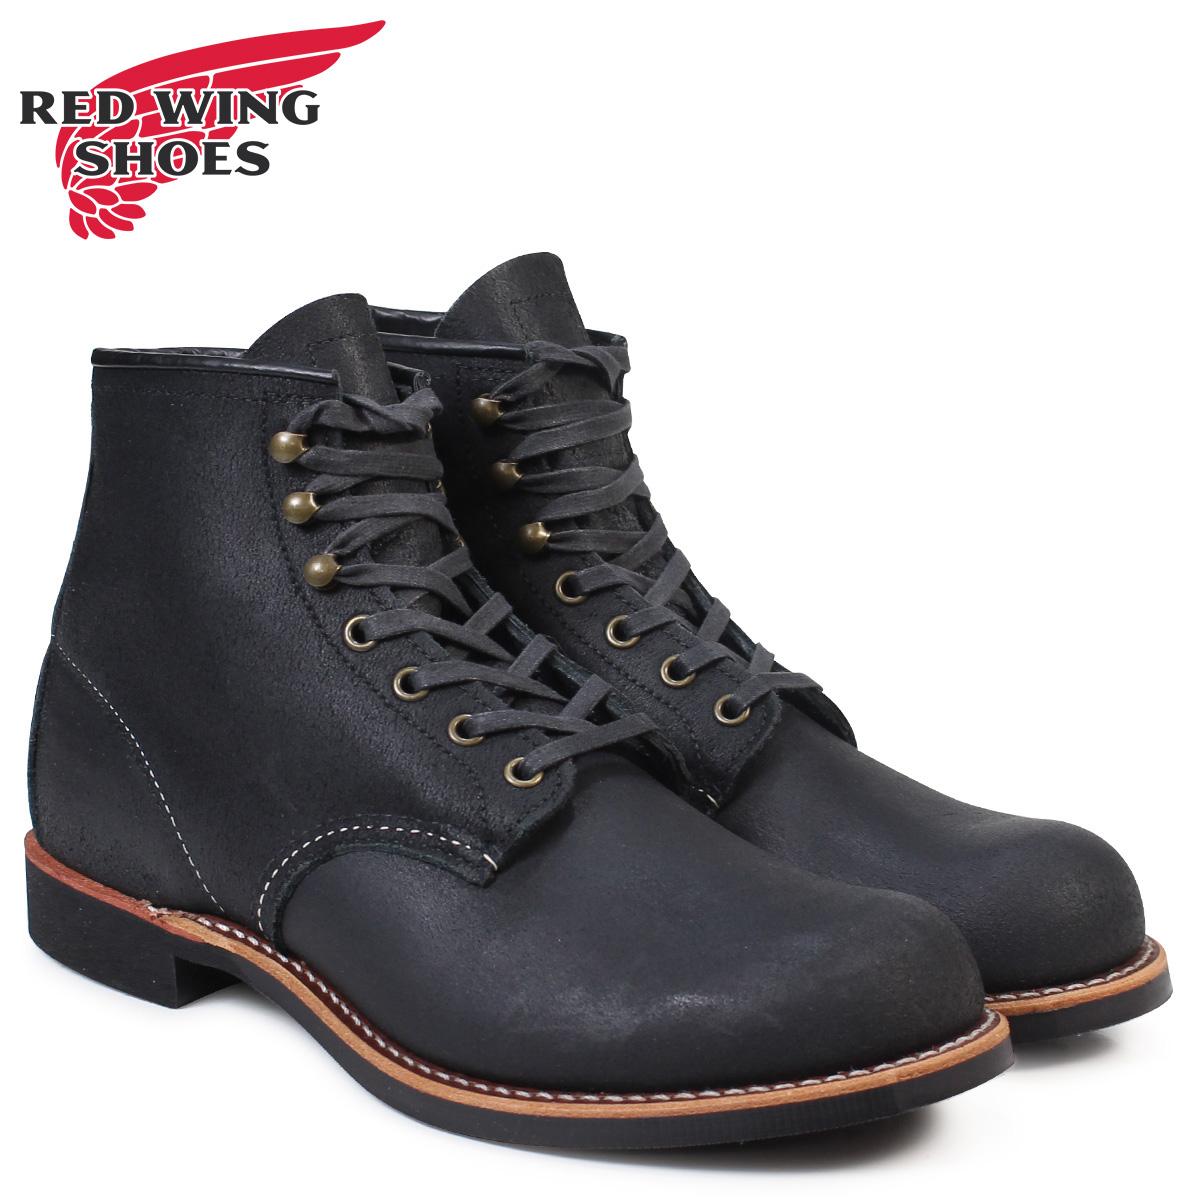 RED WING アイリッシュセッター レッド 赤ウィング 2955 ブーツ BLACKSMITH Dワイズ ブラック 黒 メンズ